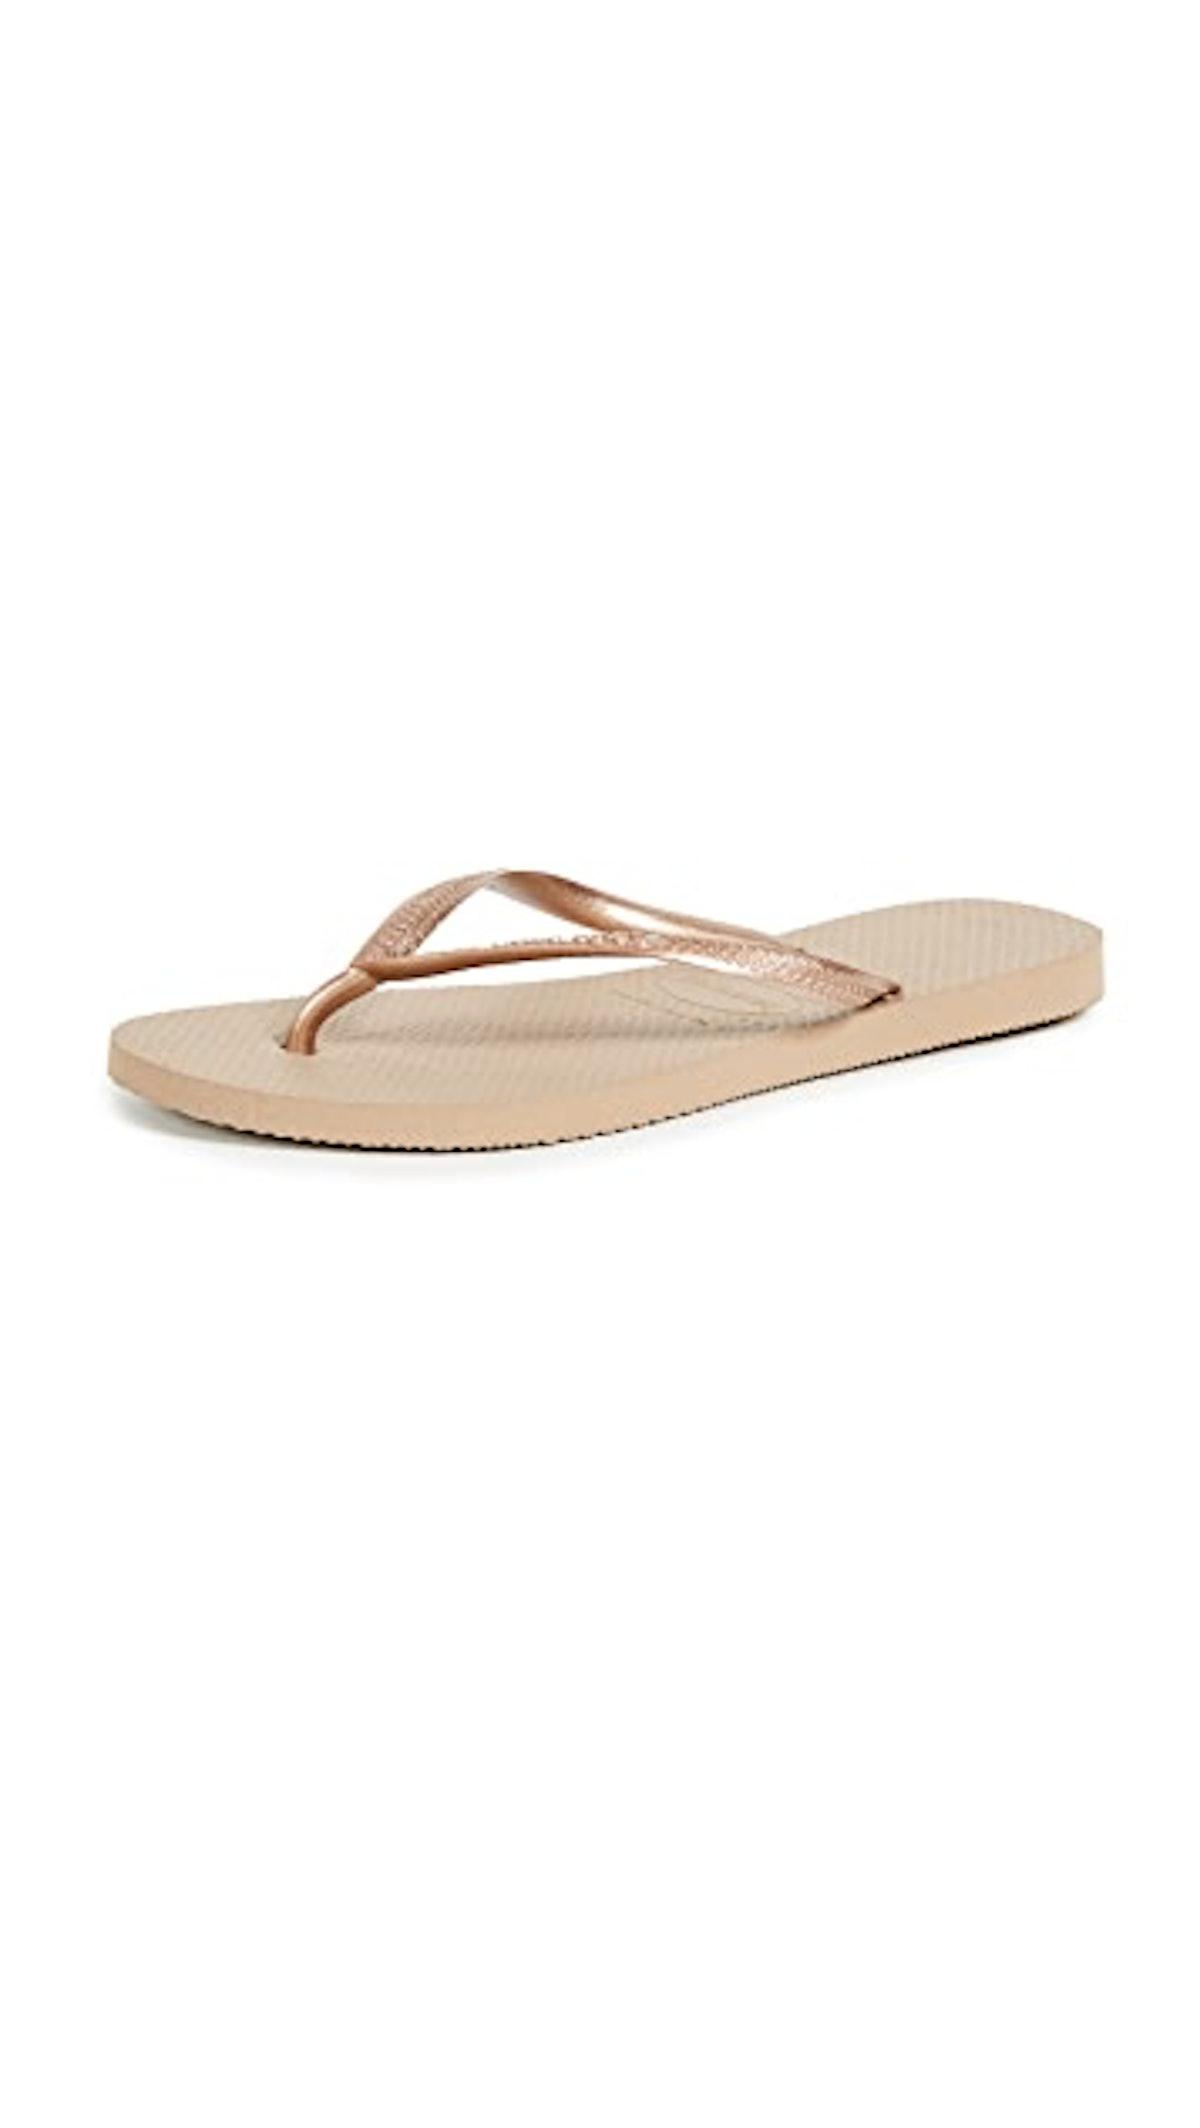 Havaianas gold flip-flops